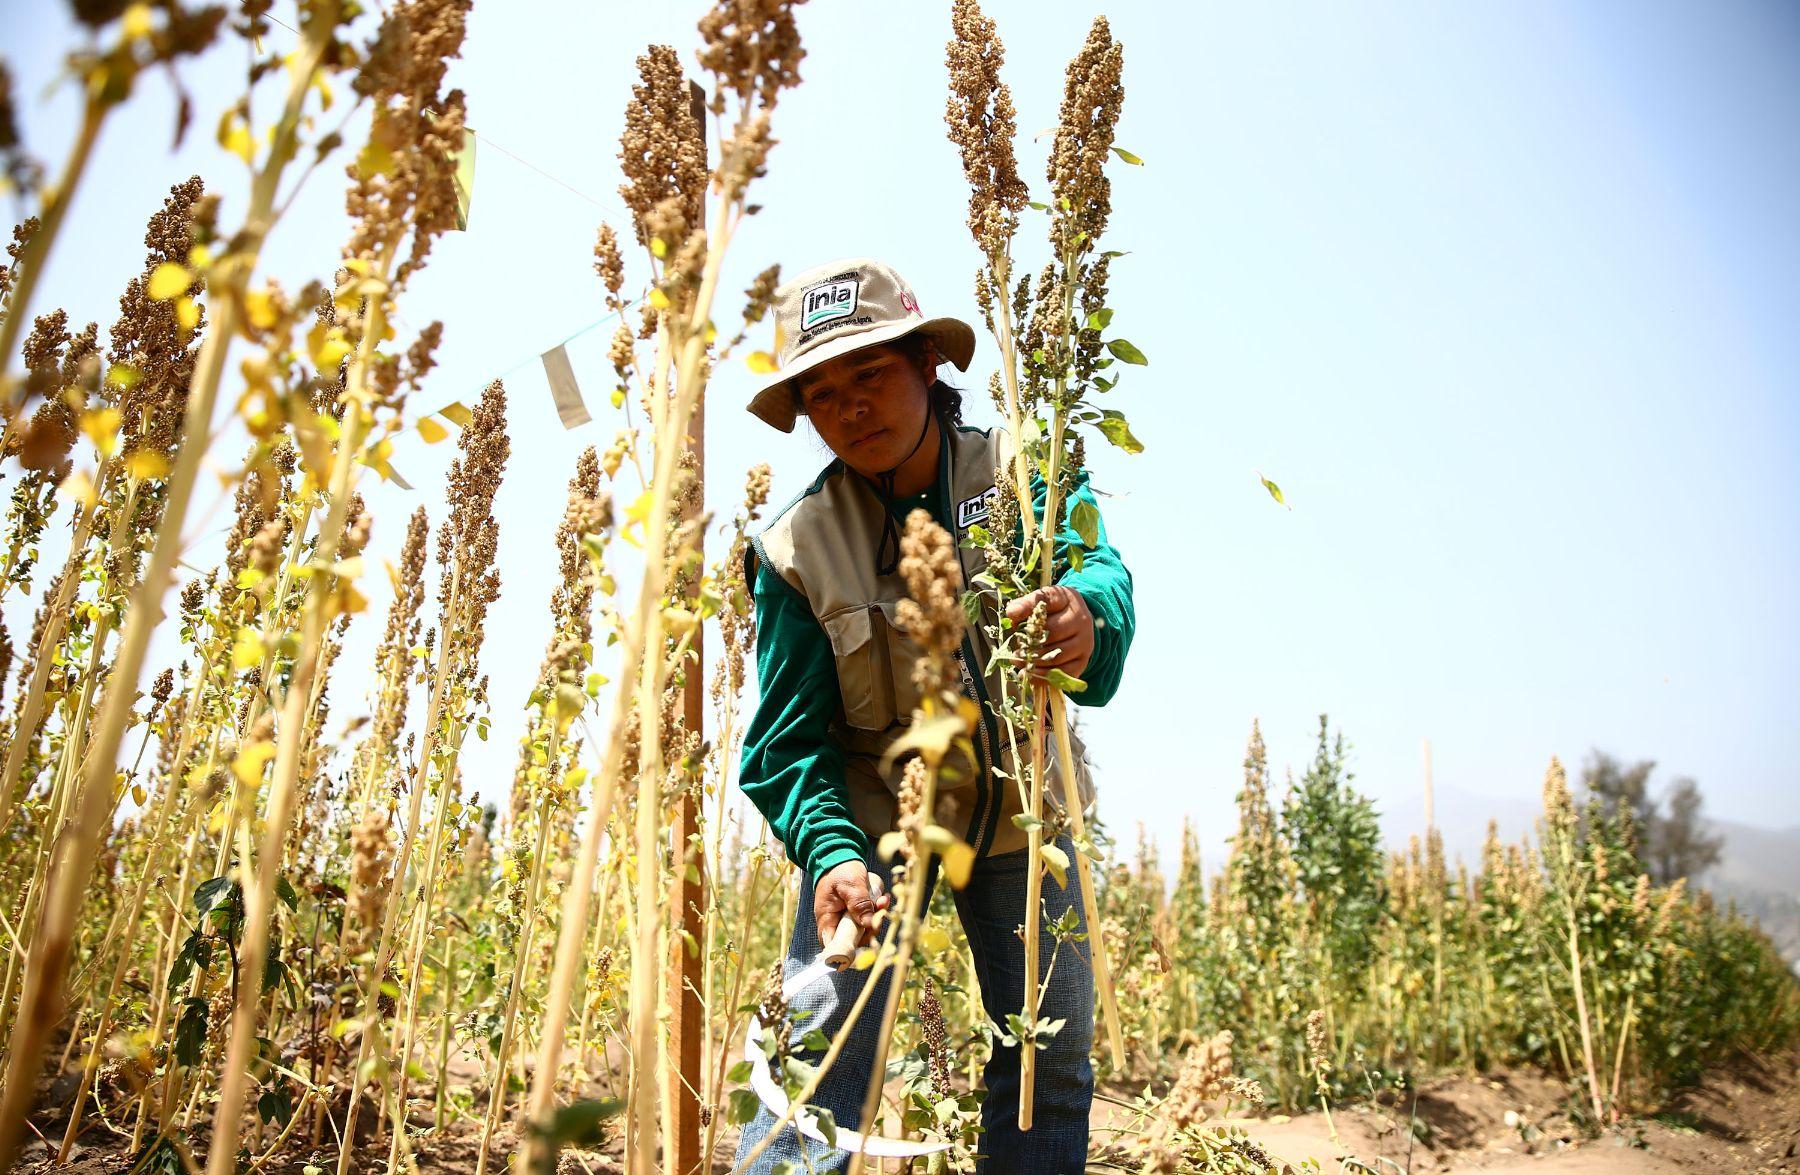 312521-minagri-el-sector-agropecuario-se-acelero-y-crecio-7-5-en-agosto